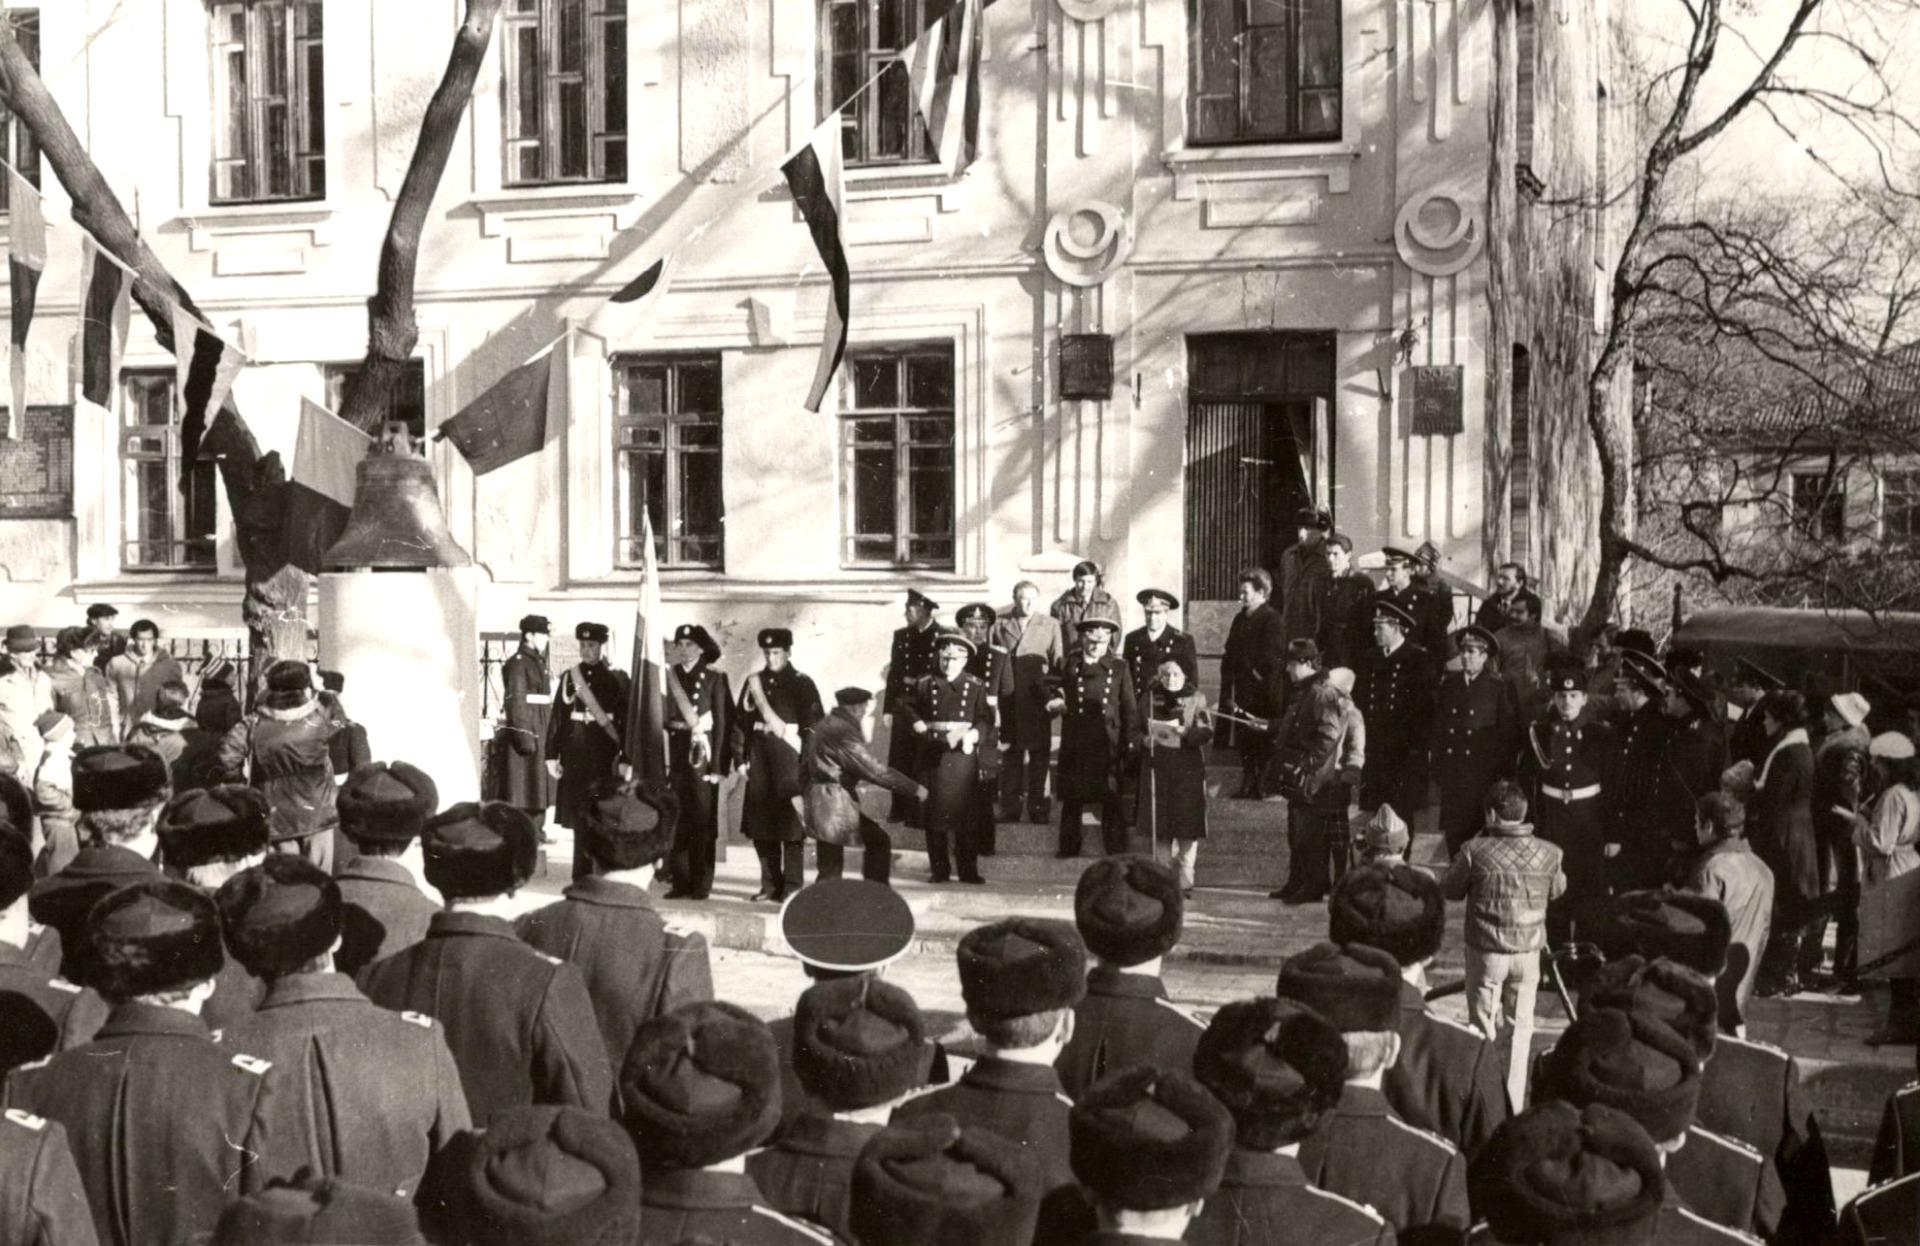 14 ноября 1987г. Церемония открытия памятного знака «Гидрографам за открытия на Крайнем Востоке России». Фото из фондов ОИАК